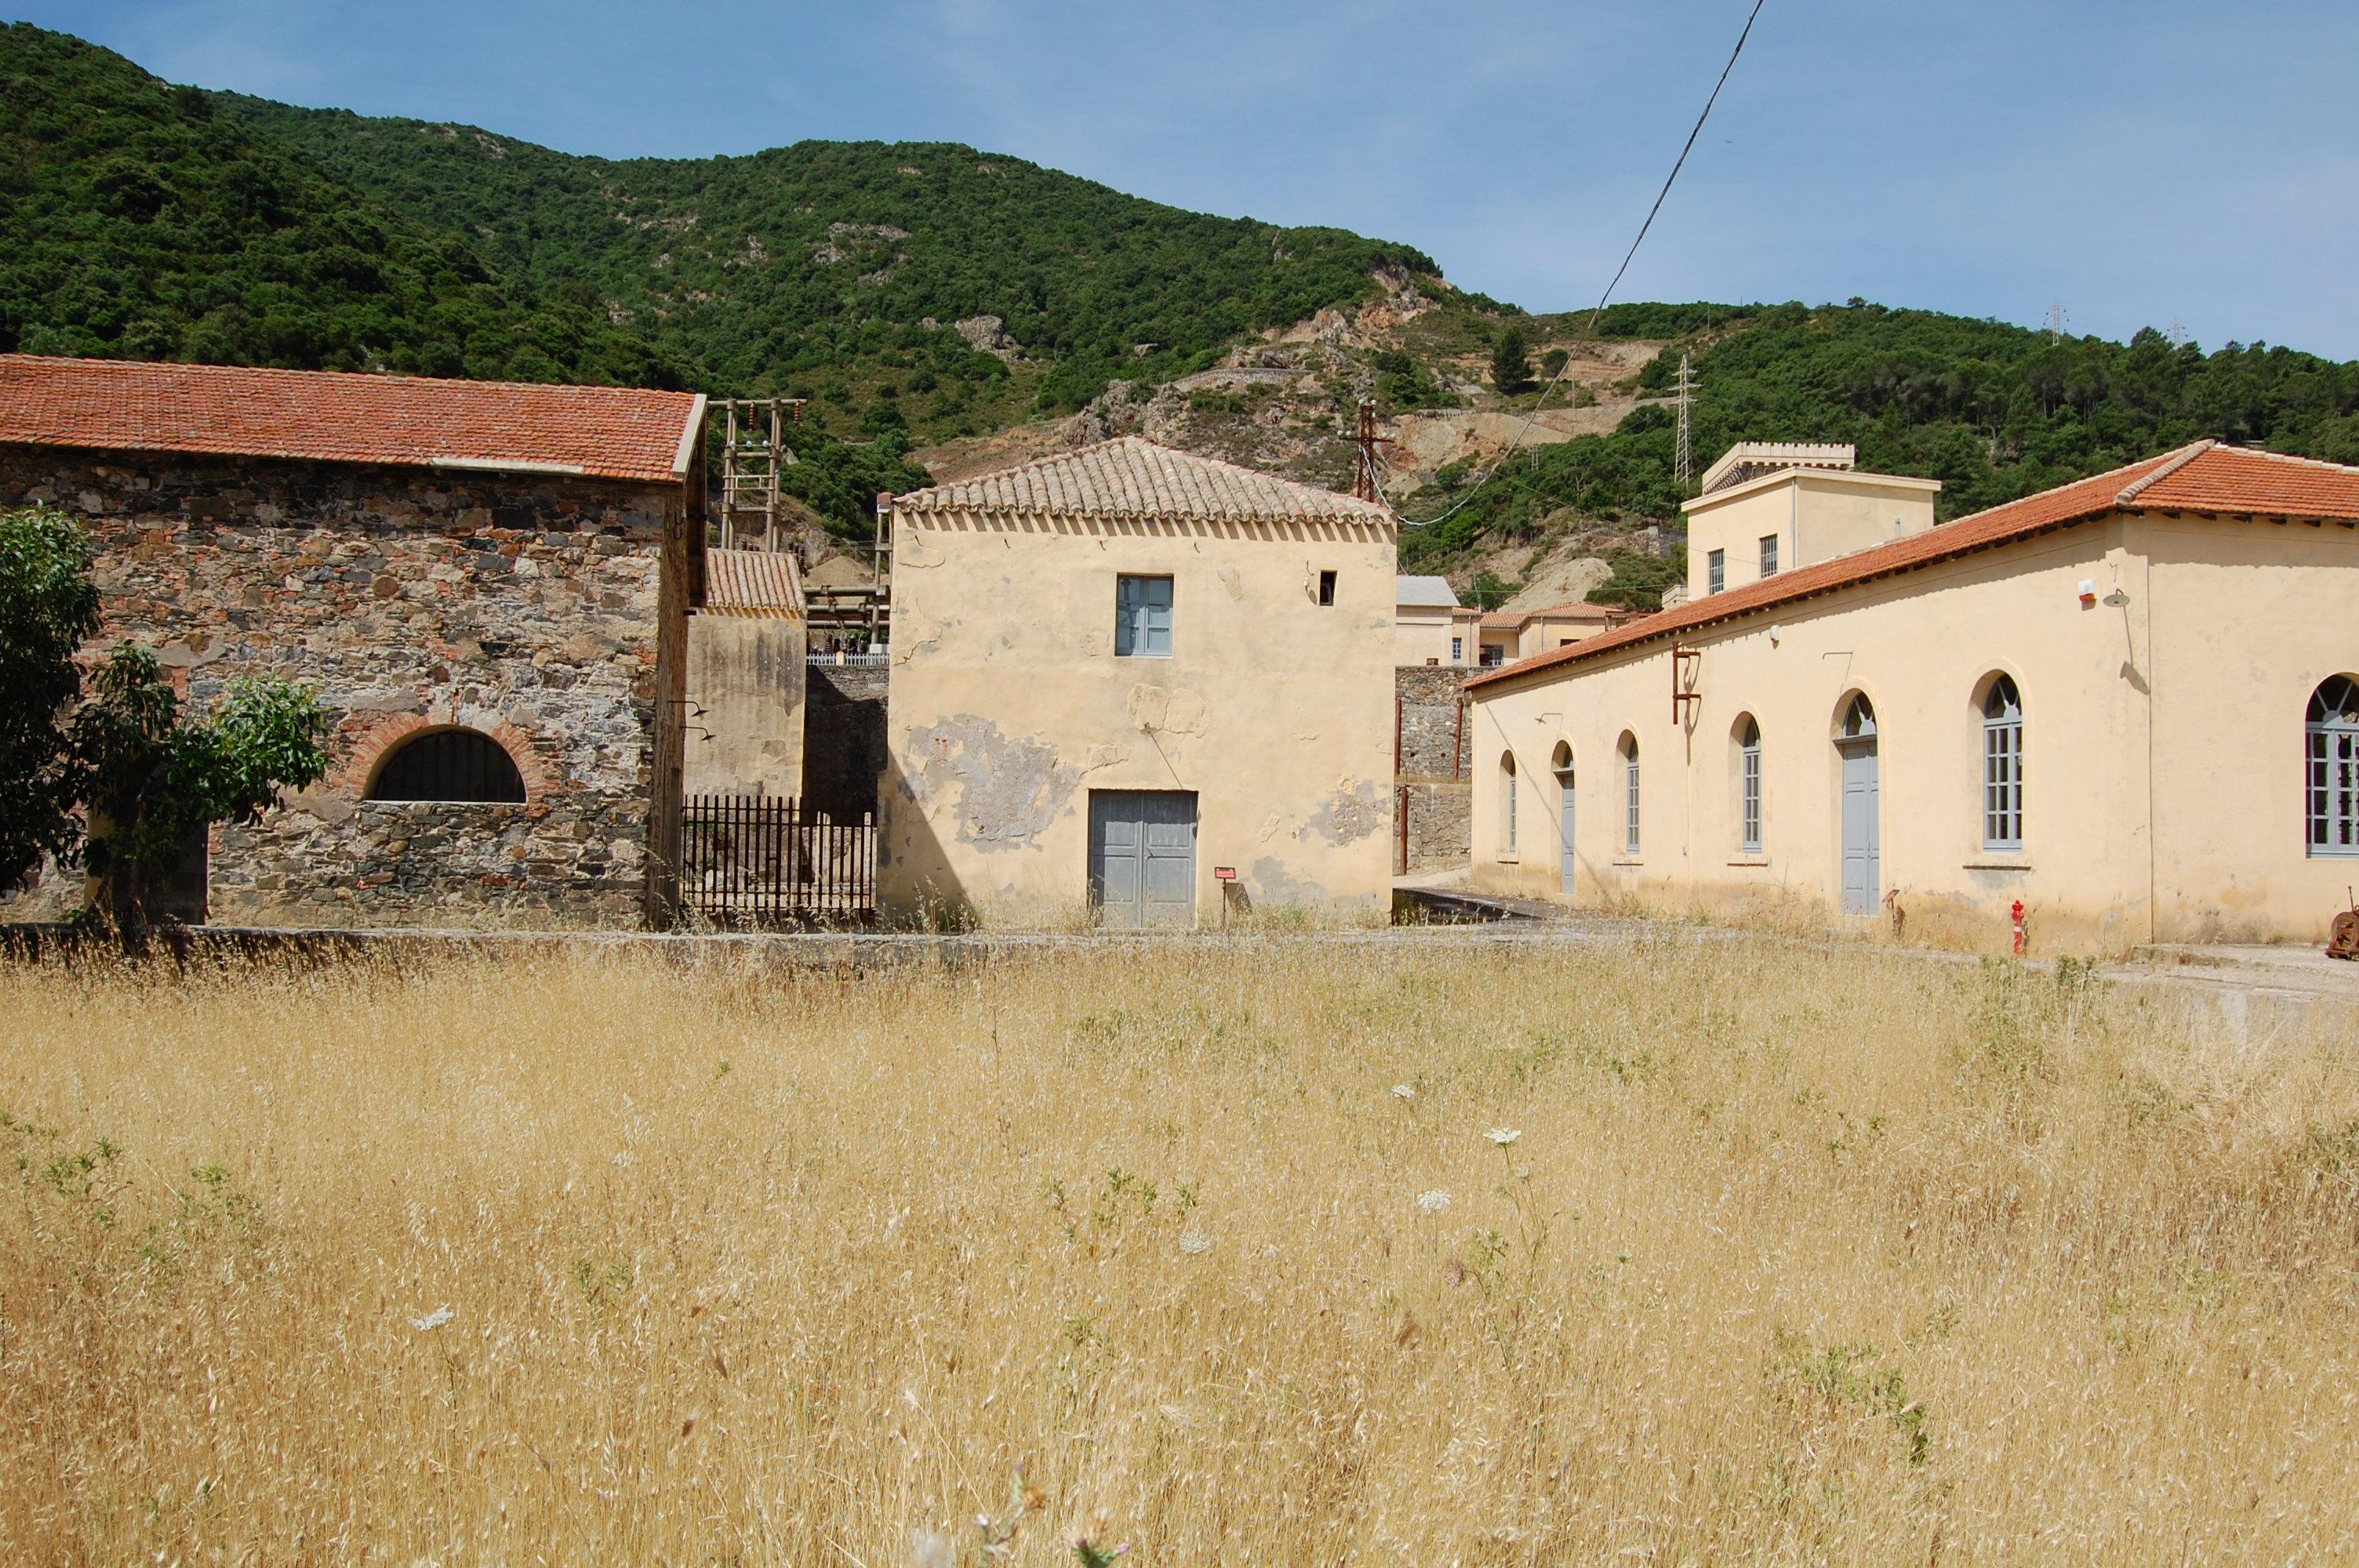 Stalle Case Operai e deposito minerali